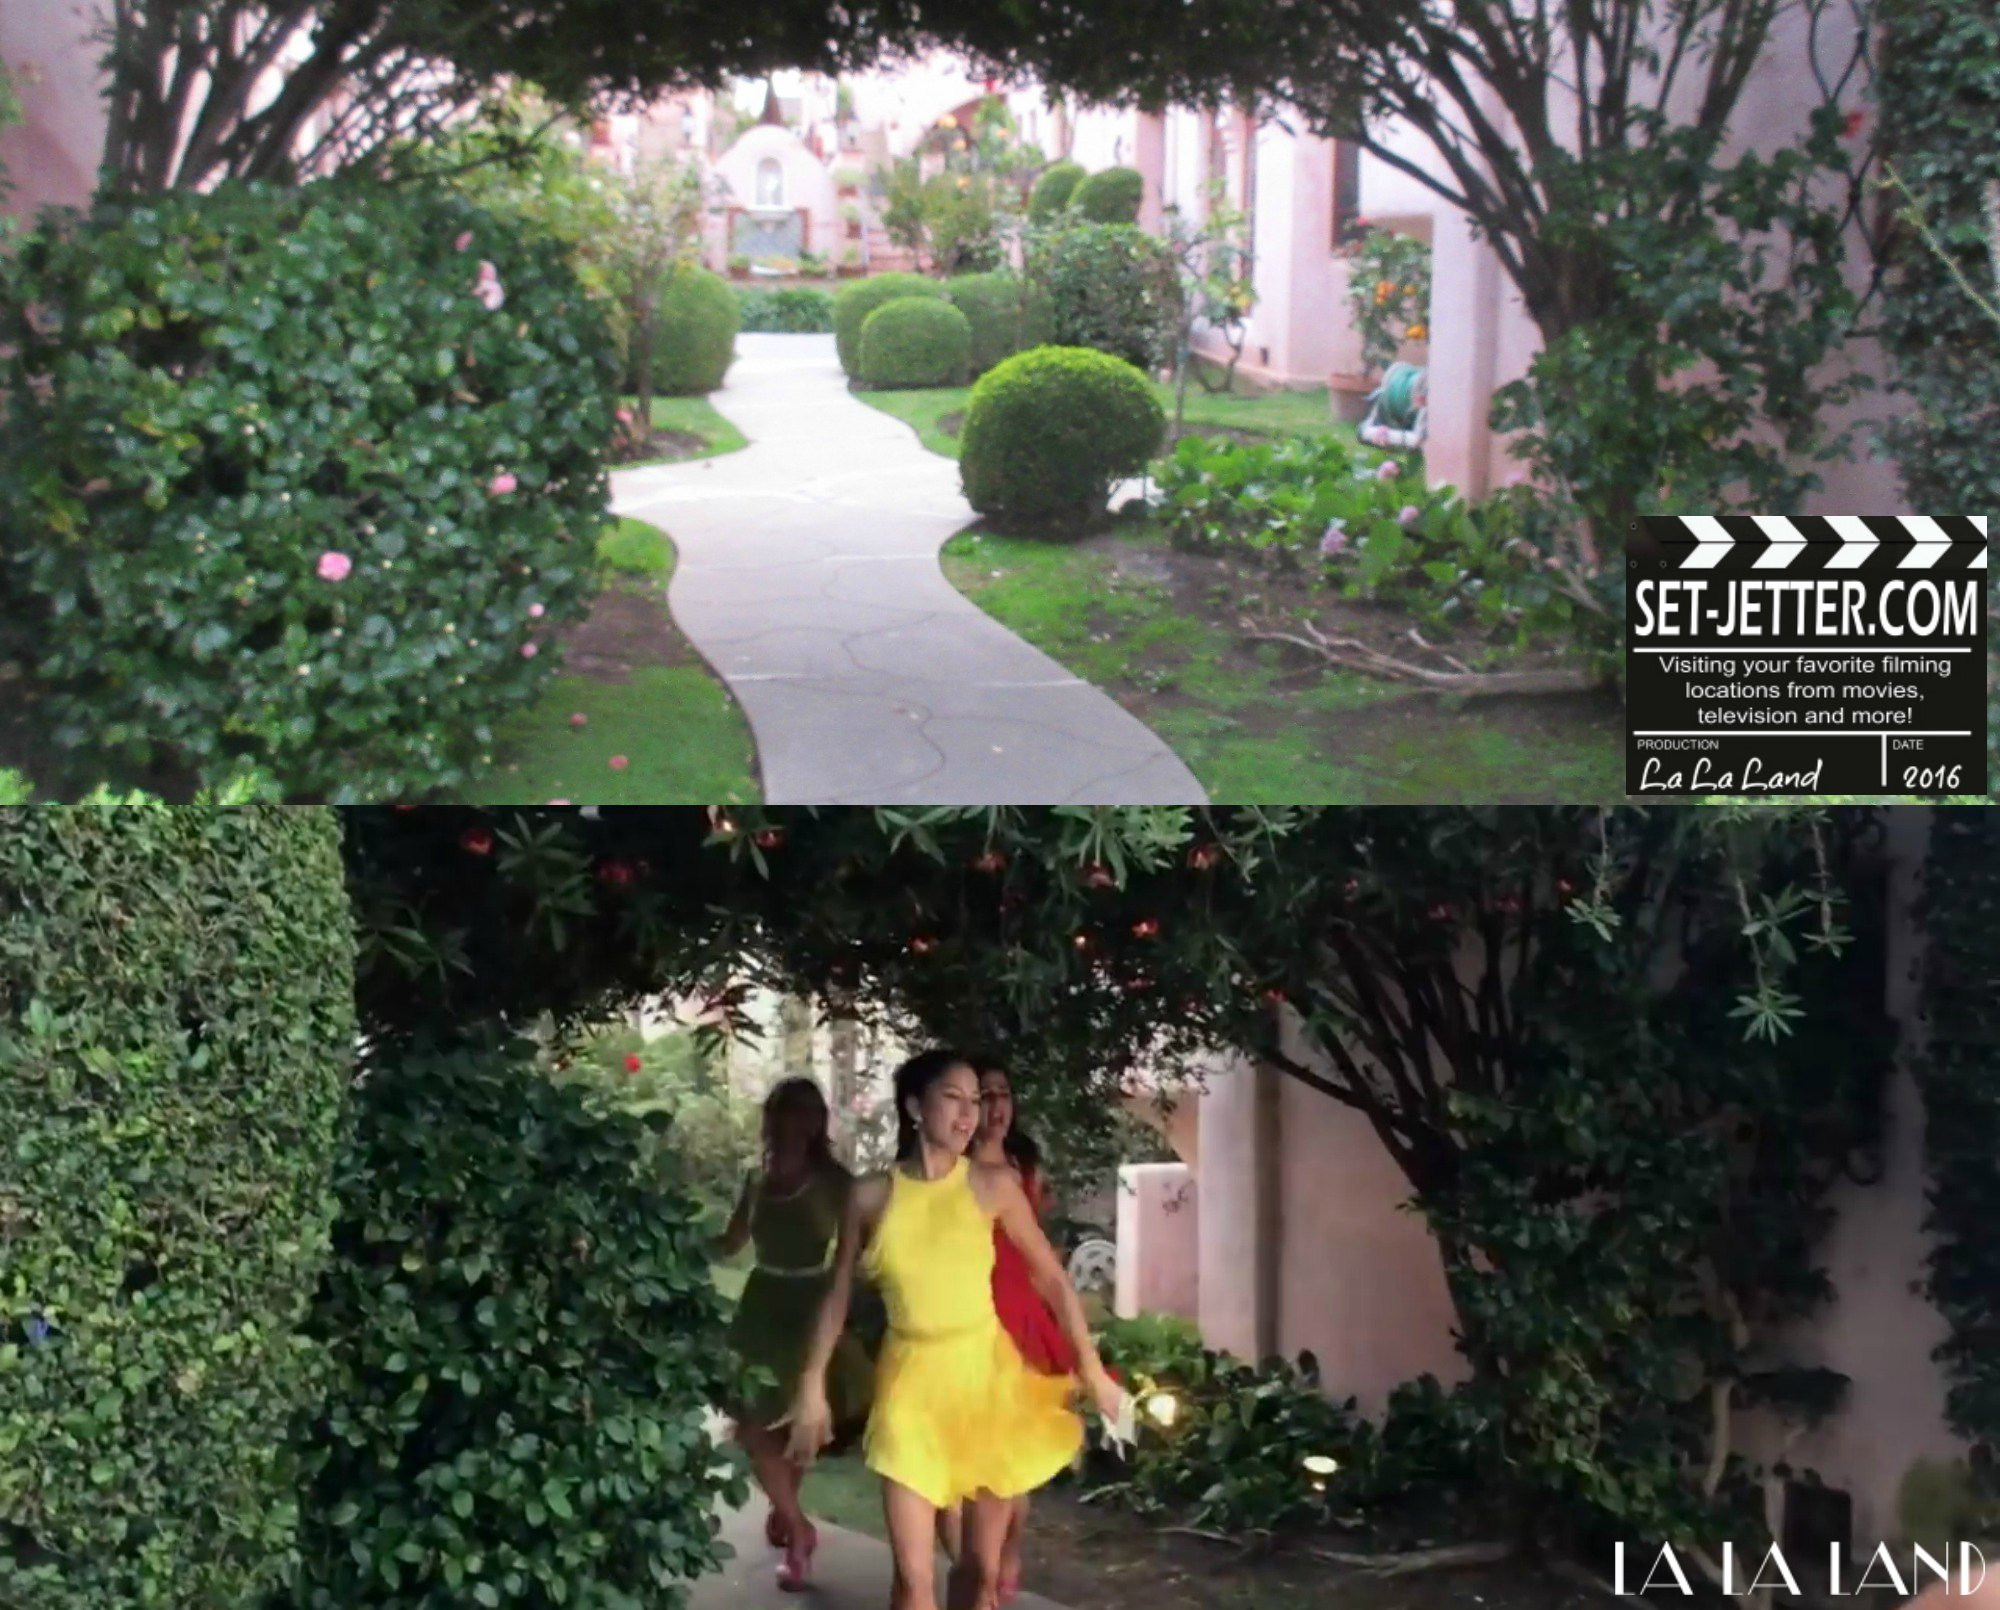 La La Land comparison 62.jpg